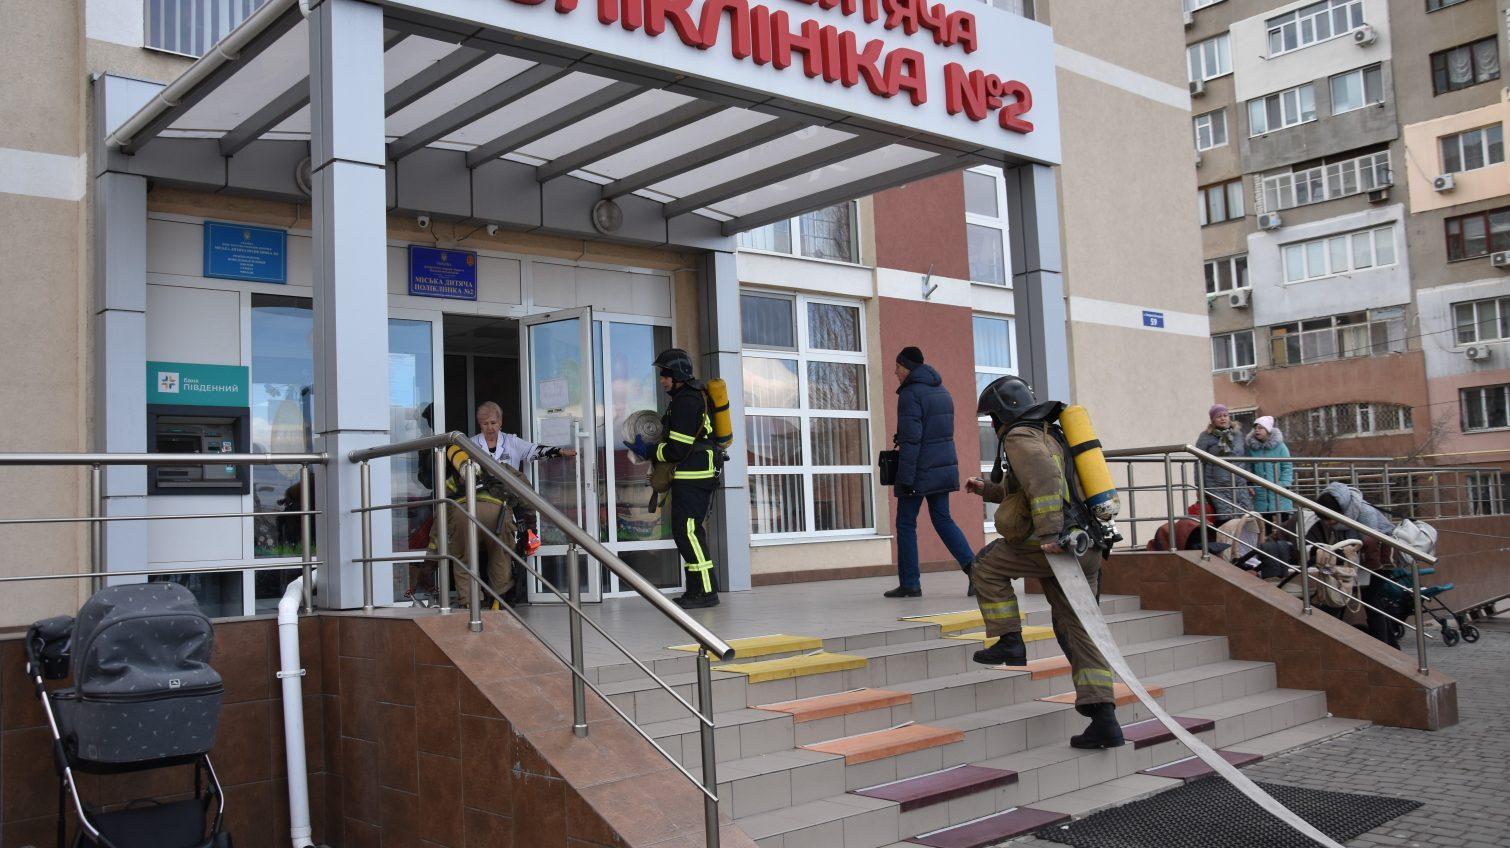 В Одессе спасатели провели обучающую эвакуацию в детской поликлинике №2 (фото, видео) «фото»